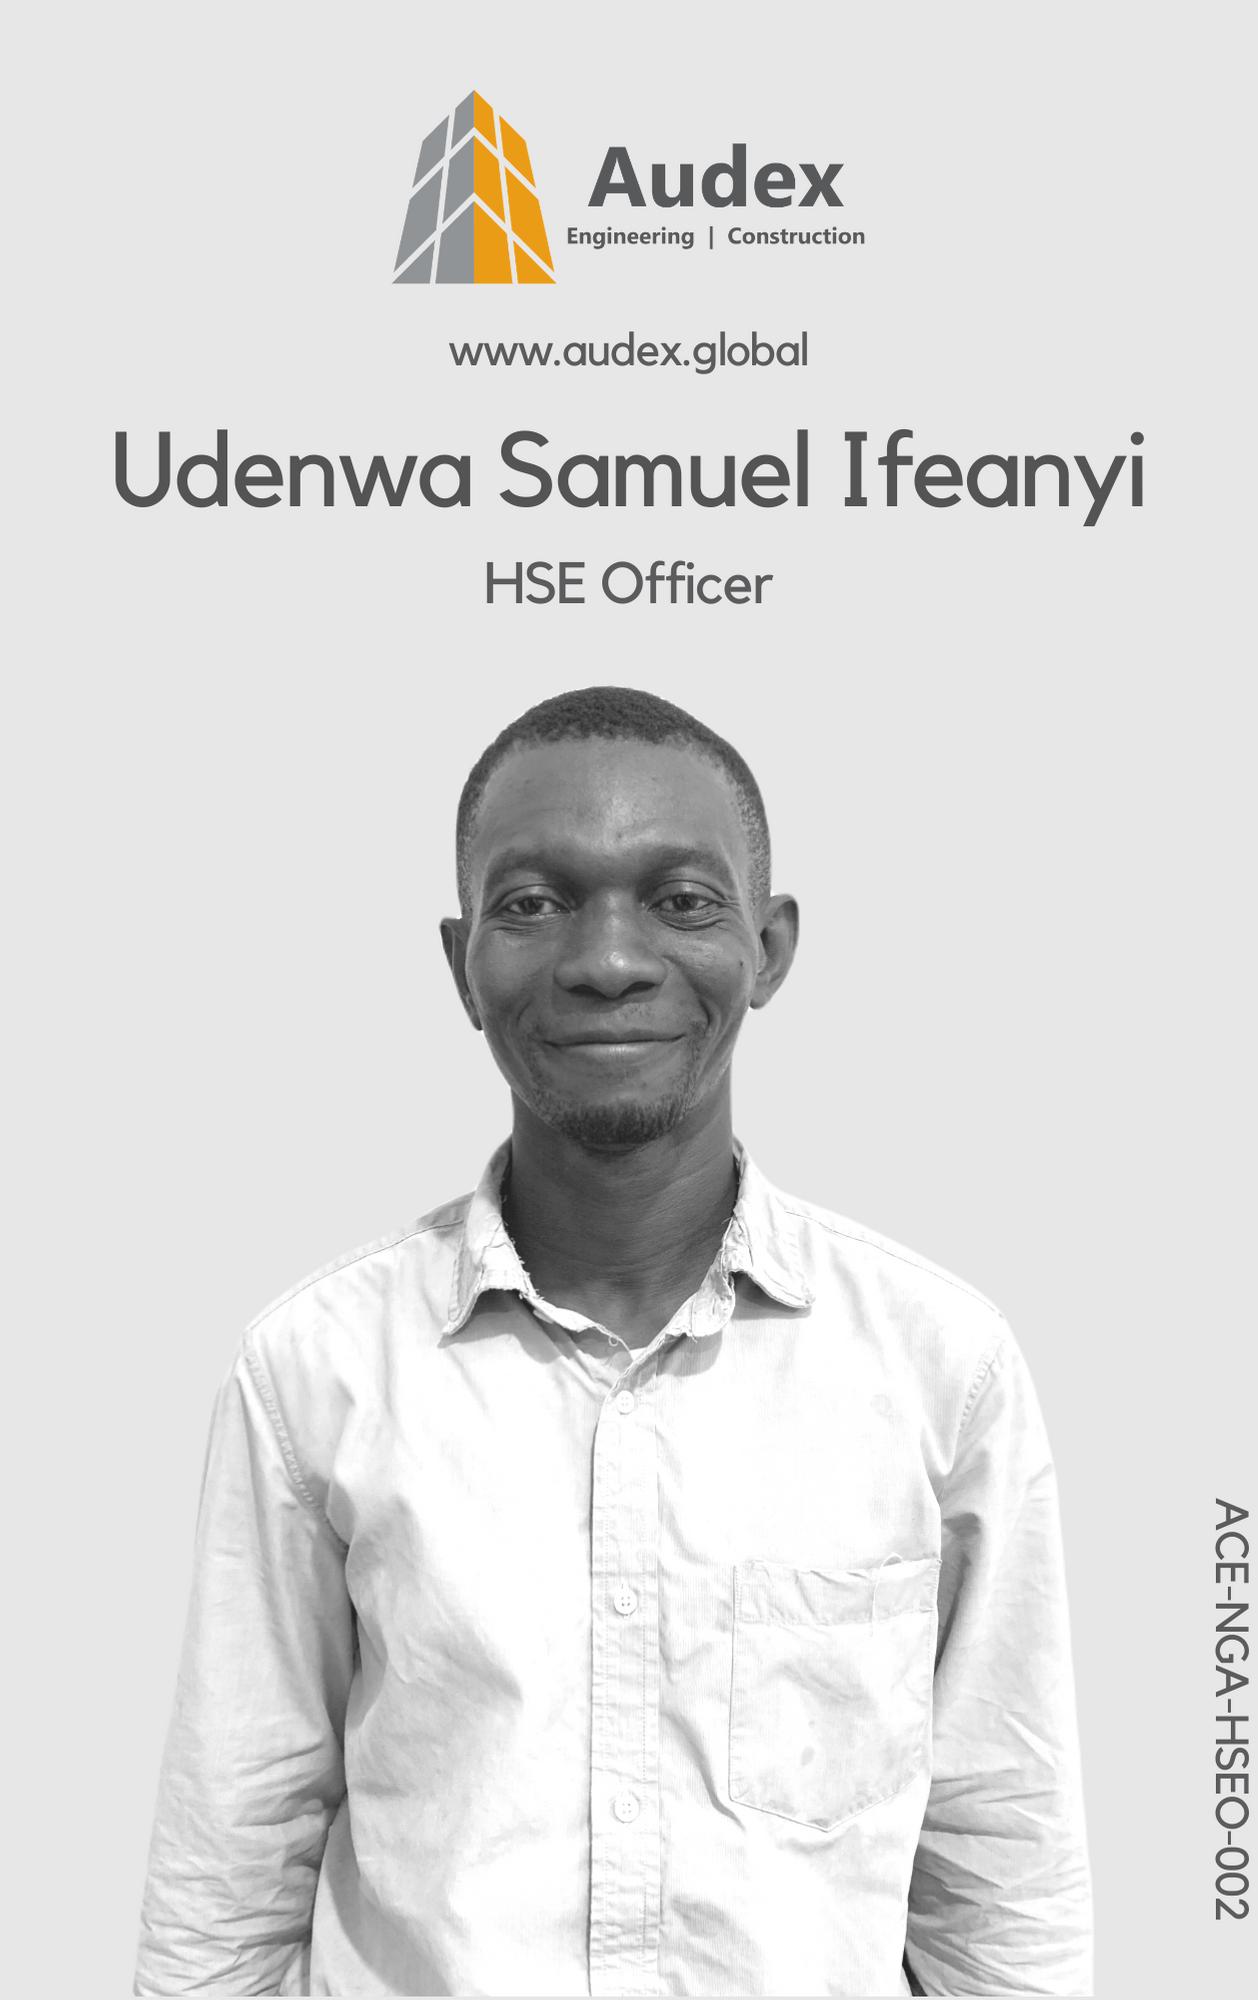 Udenwa Samuel Ifeanyi